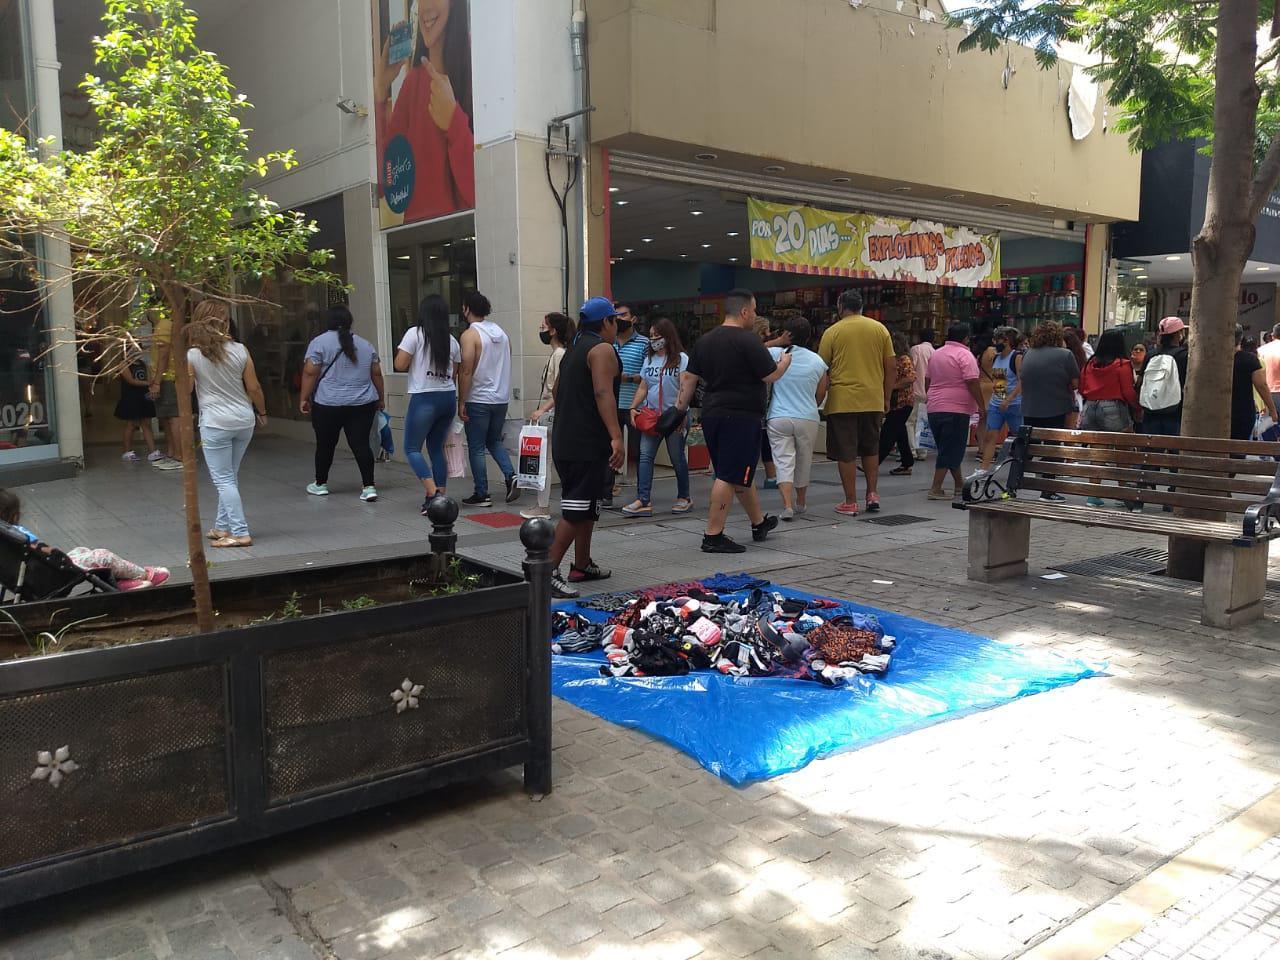 Centro peatonal compras comercios locales navidad ventas ciudad fiestas manteros)